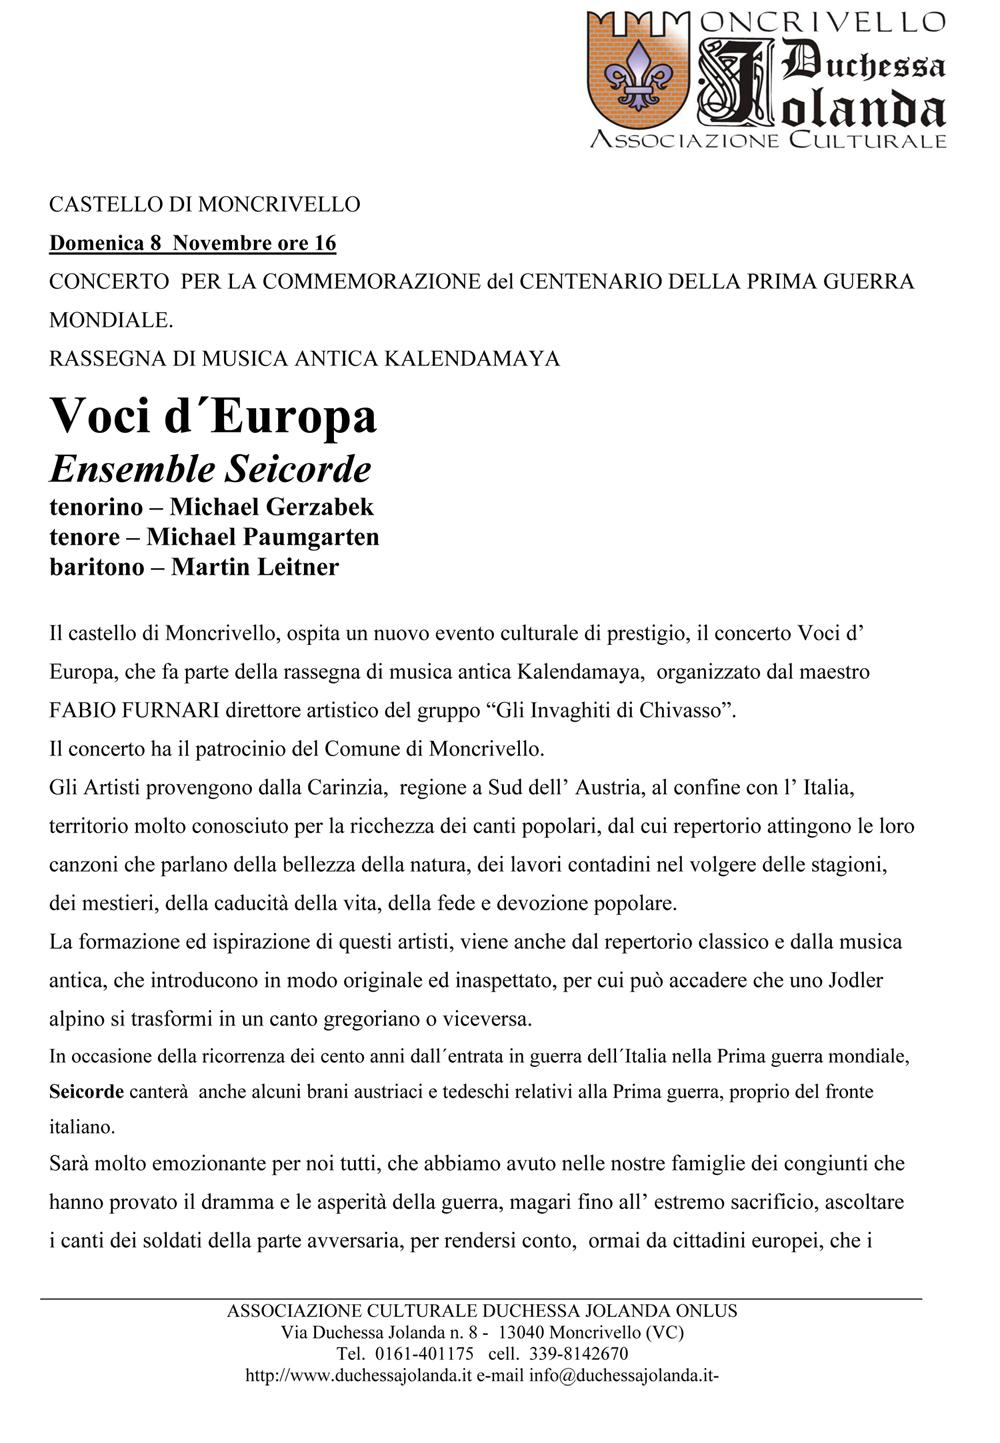 CONCERTO-COMMEMORAZIONE-PRIMA-GUERRA-MONDIALE-CASTELLO-DI-MONCRIVELLO-1